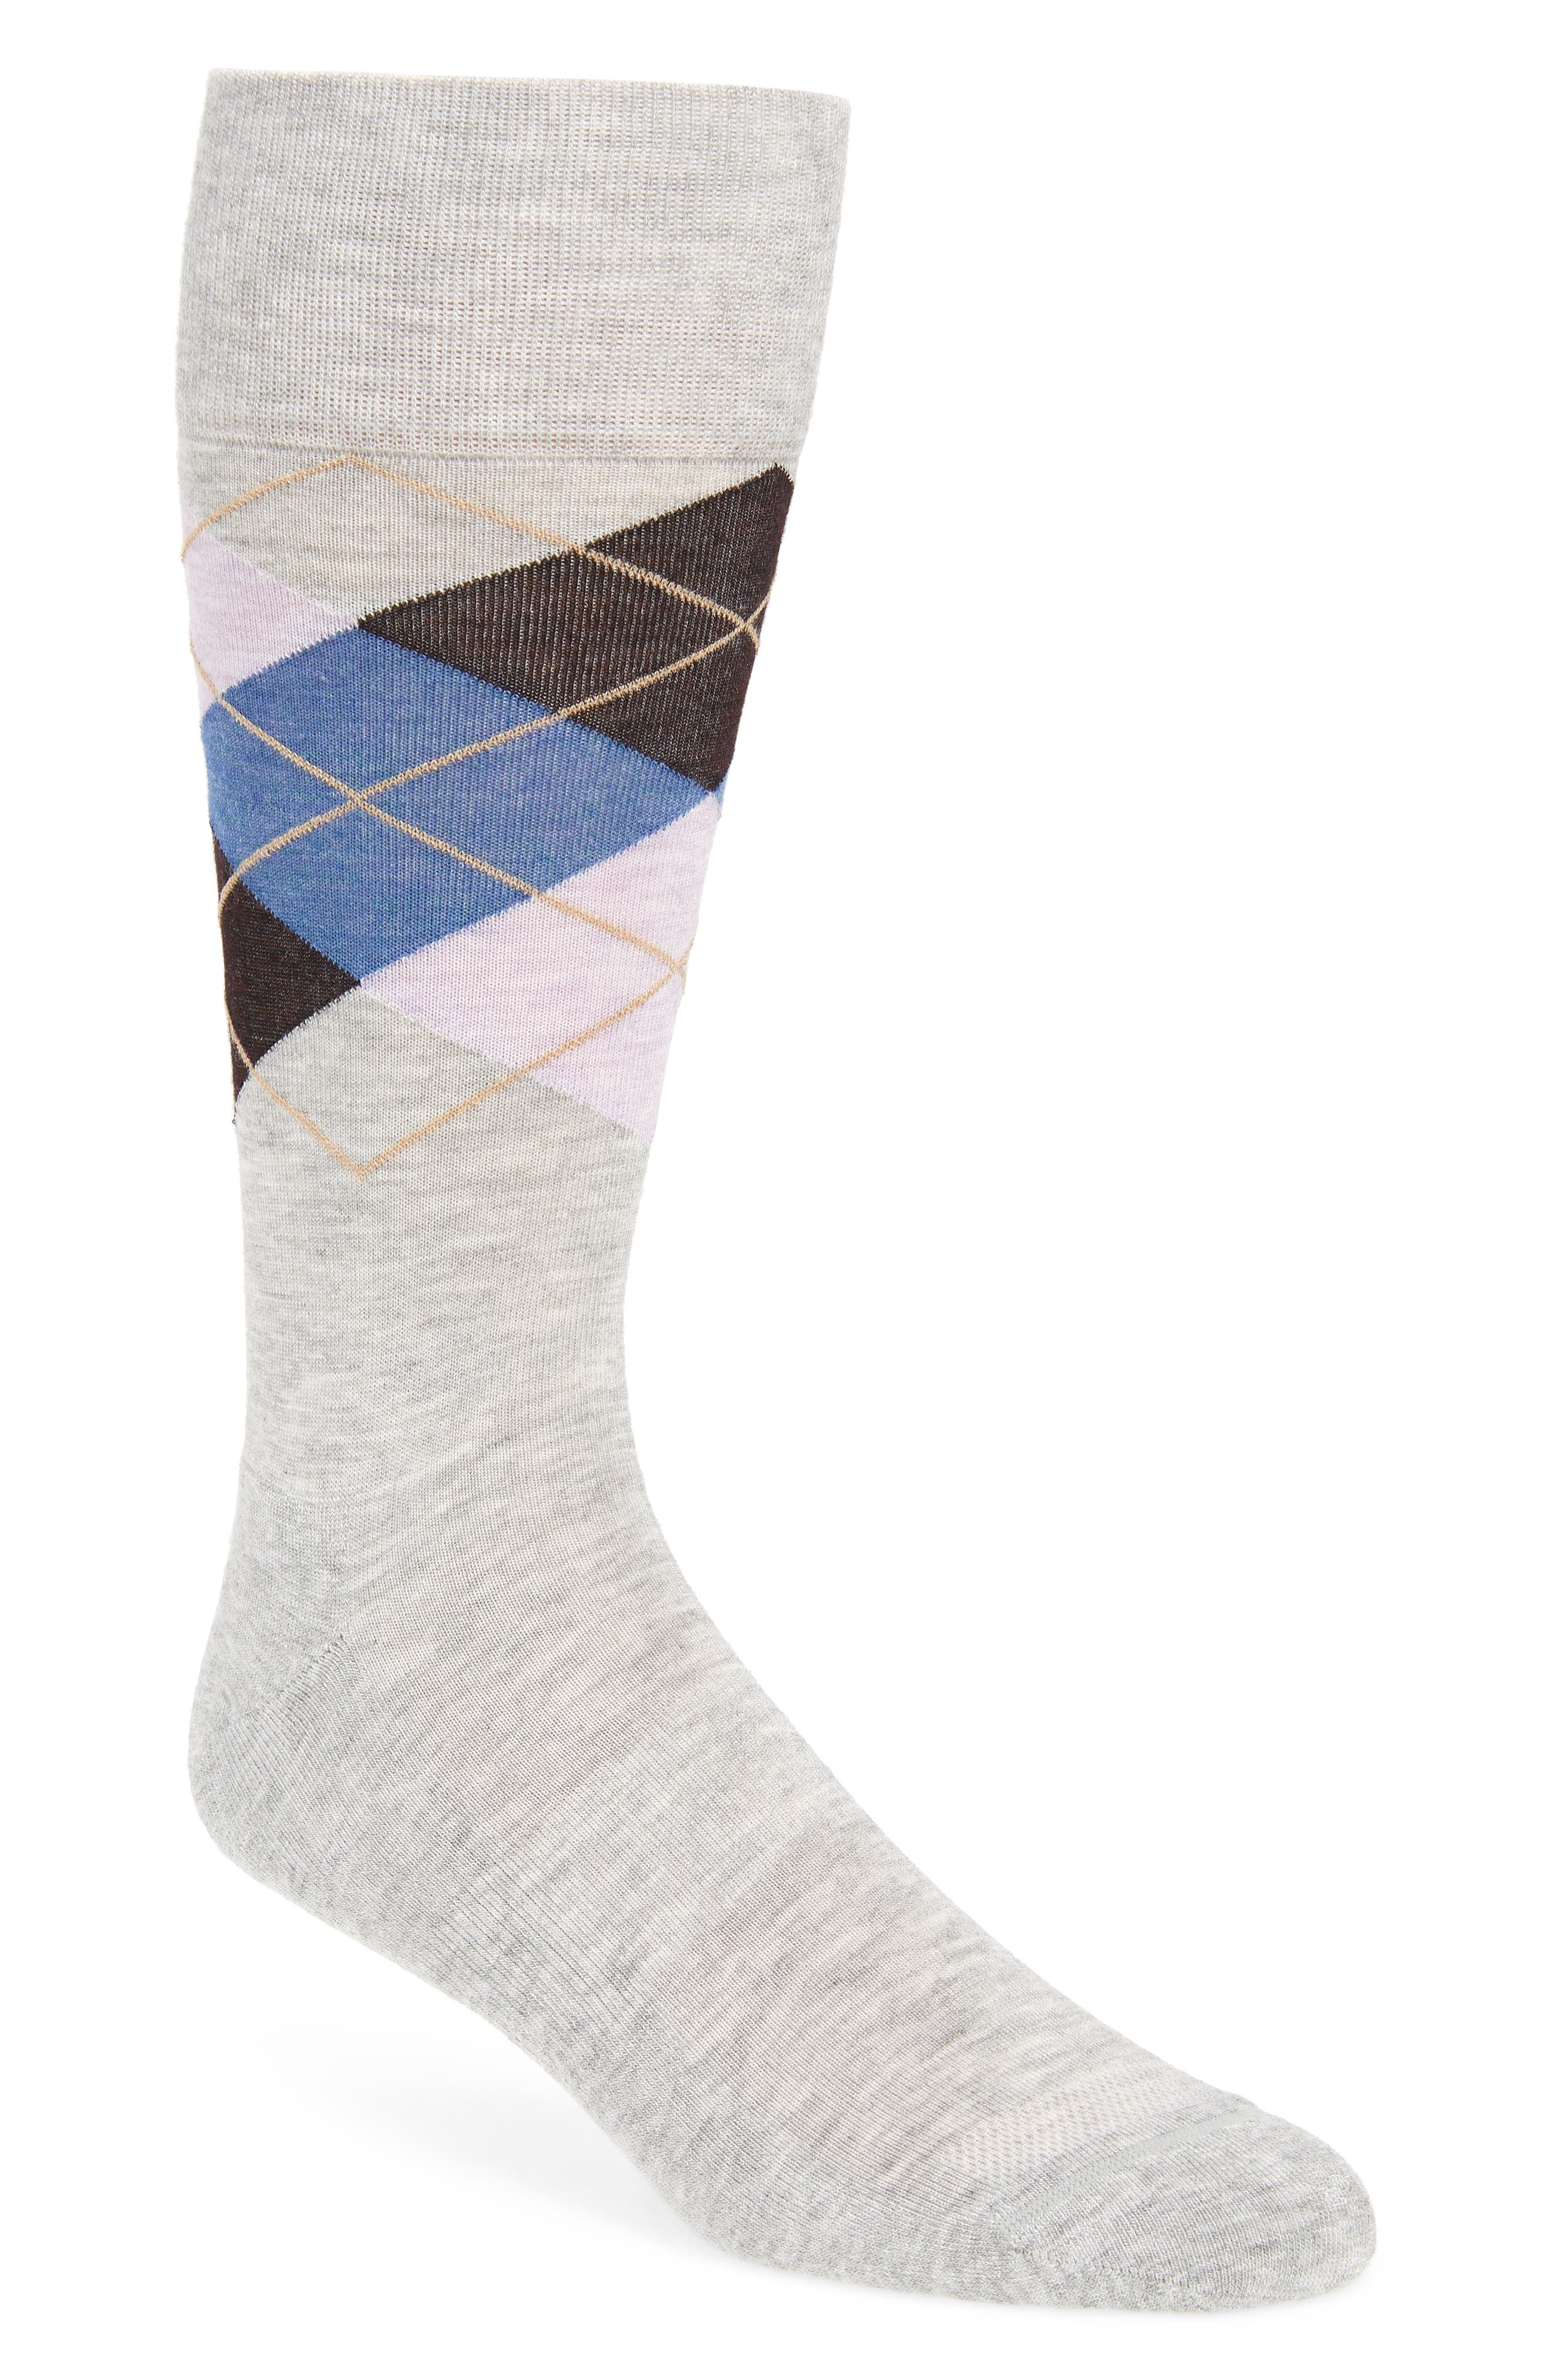 Argyle Socks,                         Main,                         color, 030